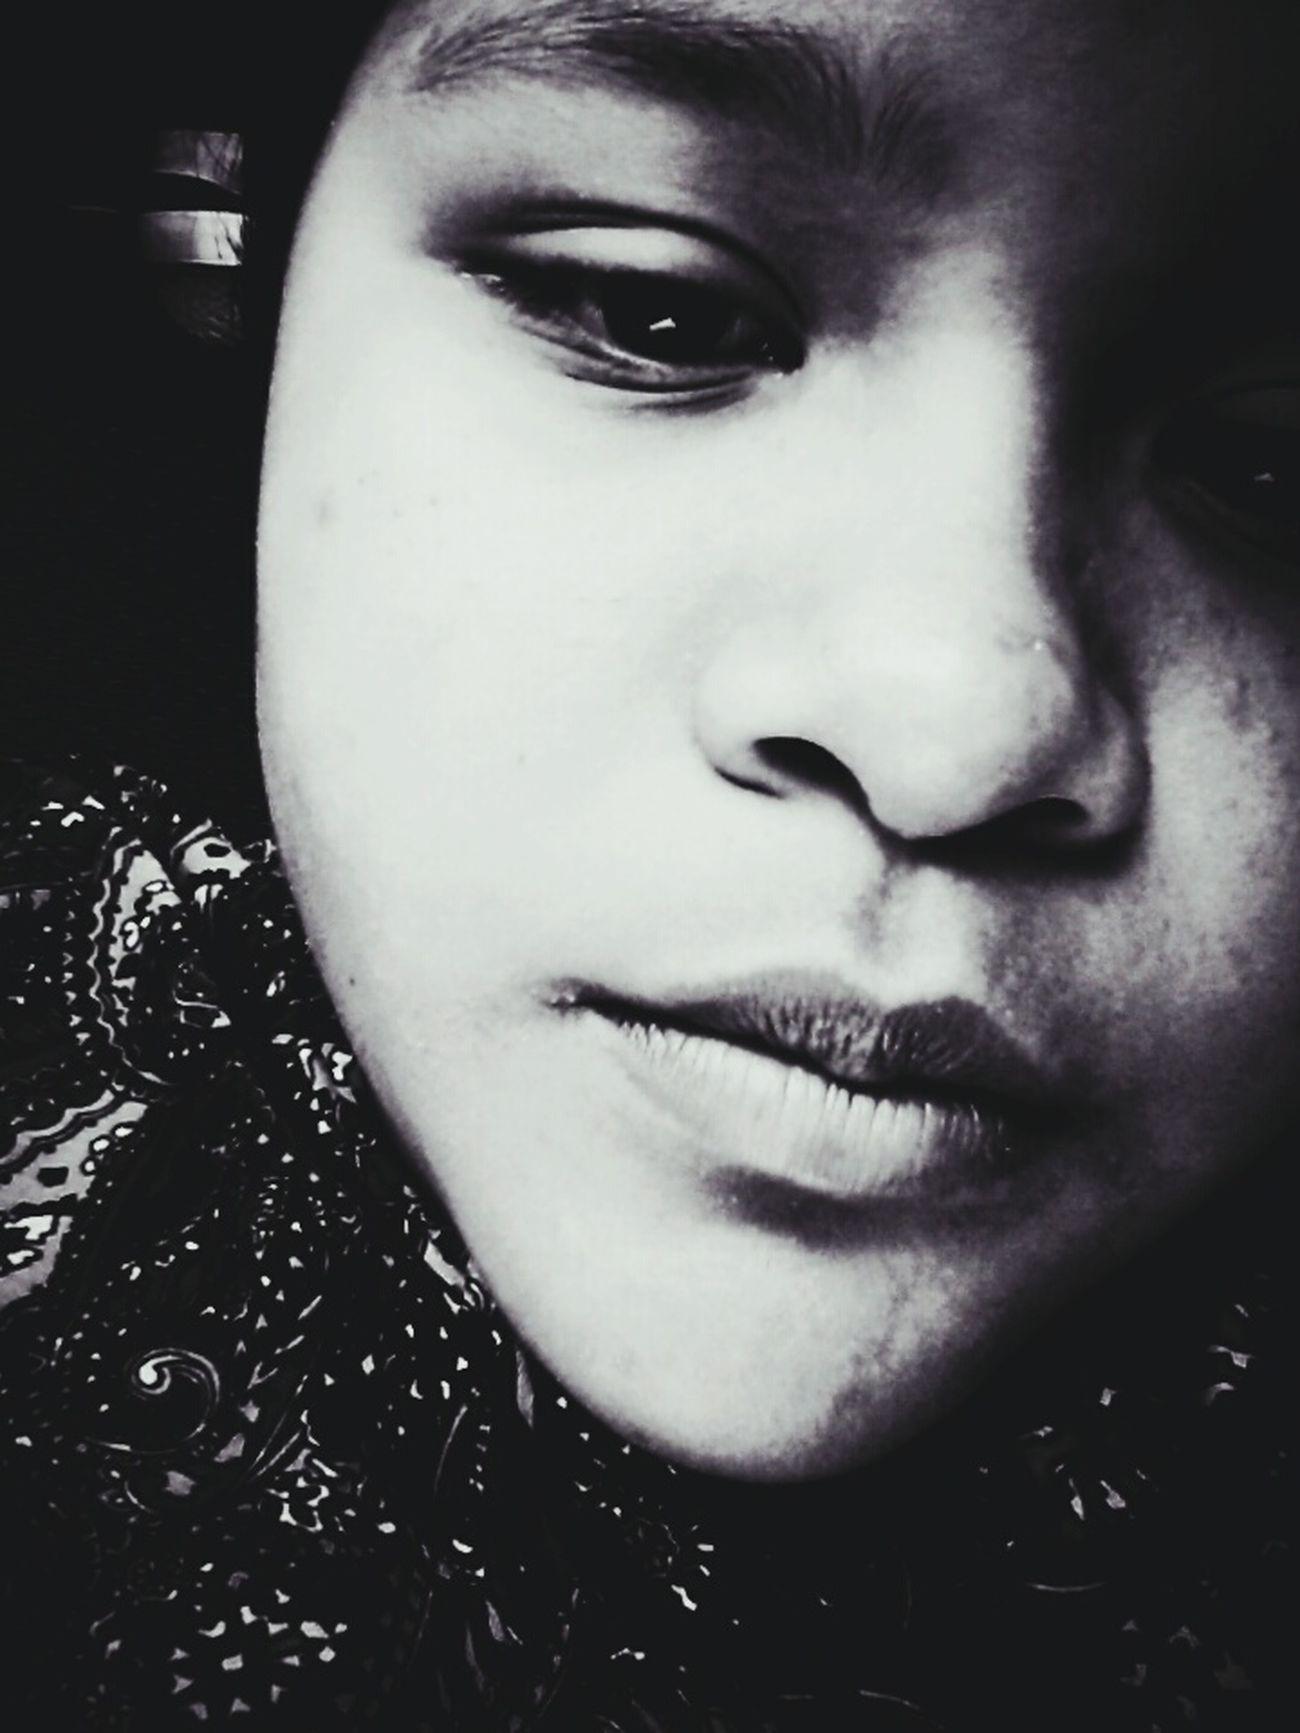 Lips Nose And Eyes Staringatme